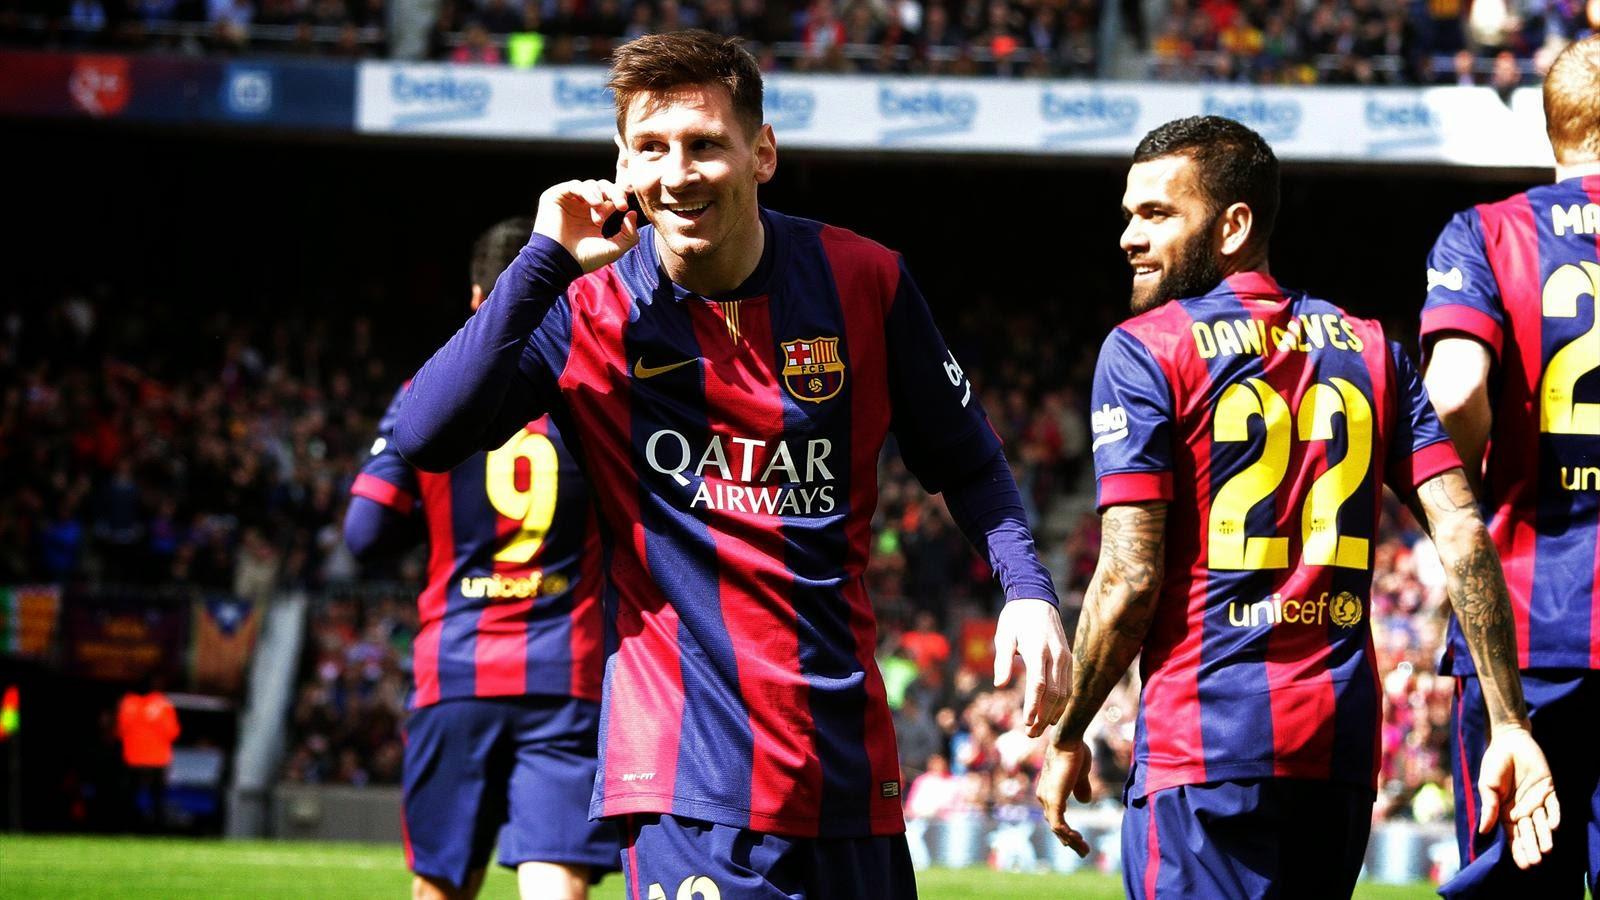 Pronostic Psg - Barcelone : Ligue des Champions